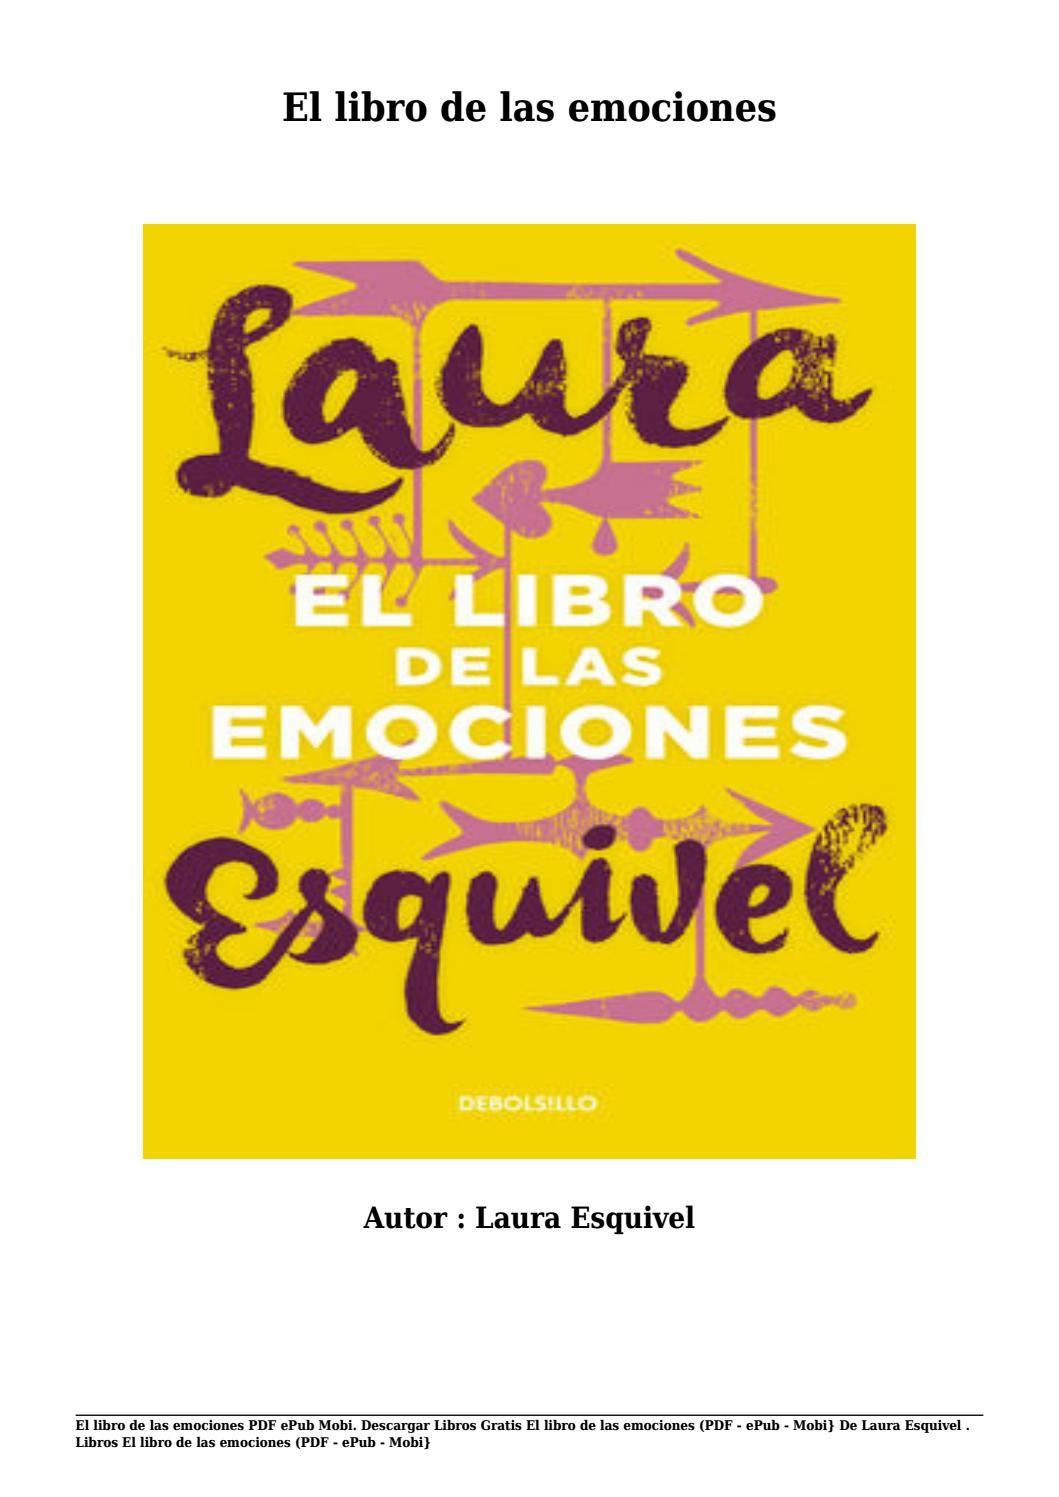 Descargar Libros Gratis El Libro De Las Emociones Pdf Epub Mobi De Laura Esquivel Descargar Libros Gratis Libros Gratis Libros